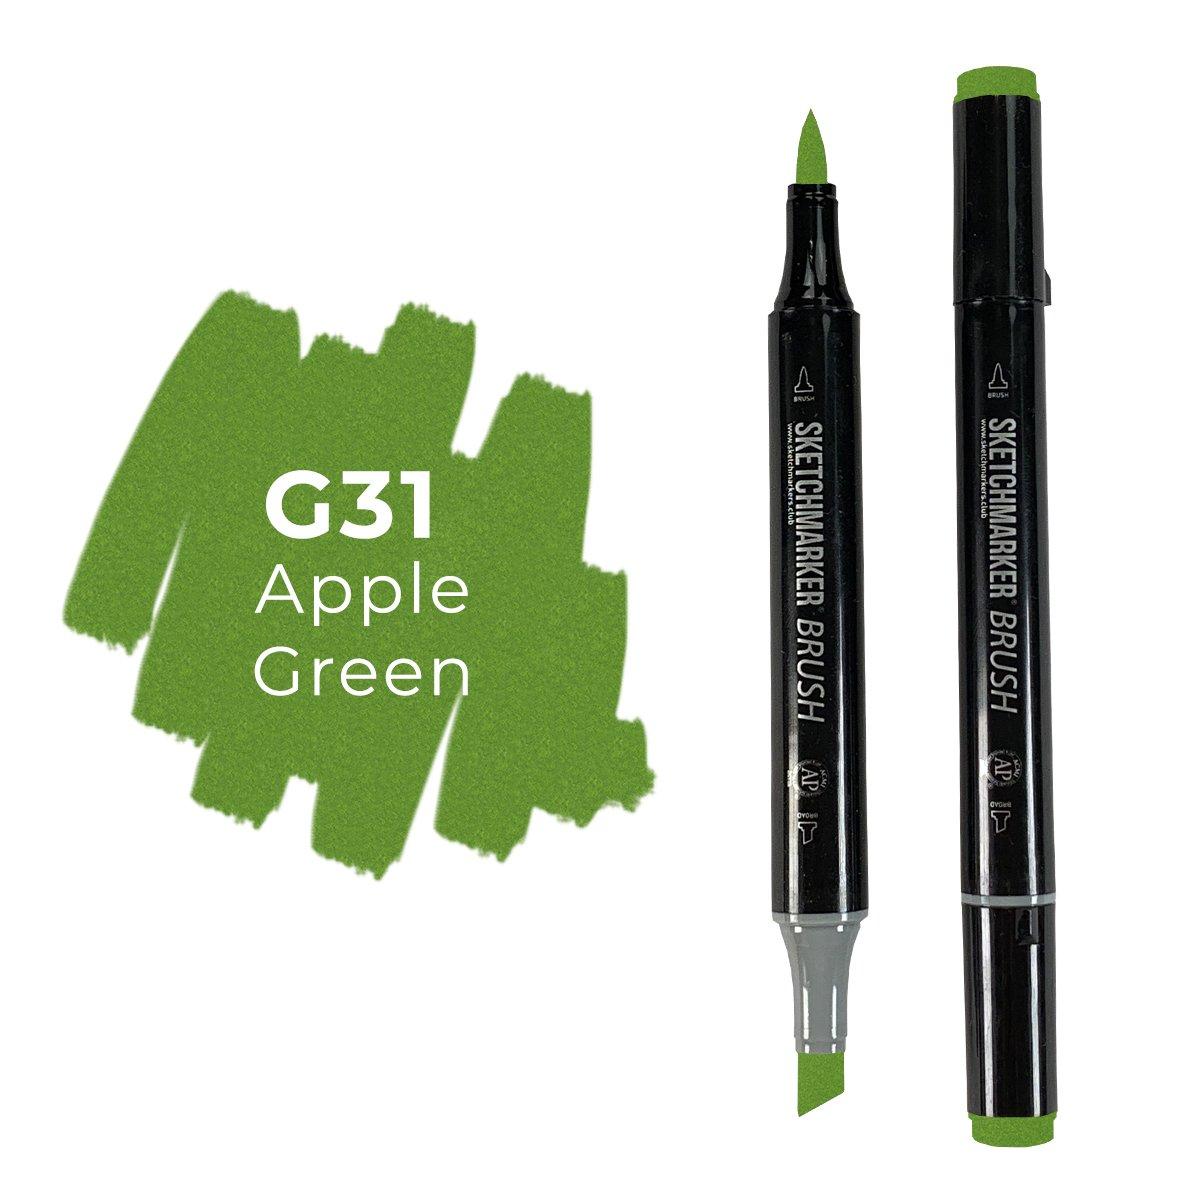 SKETCHMARKER BRUSH PRO Color: Apple Green